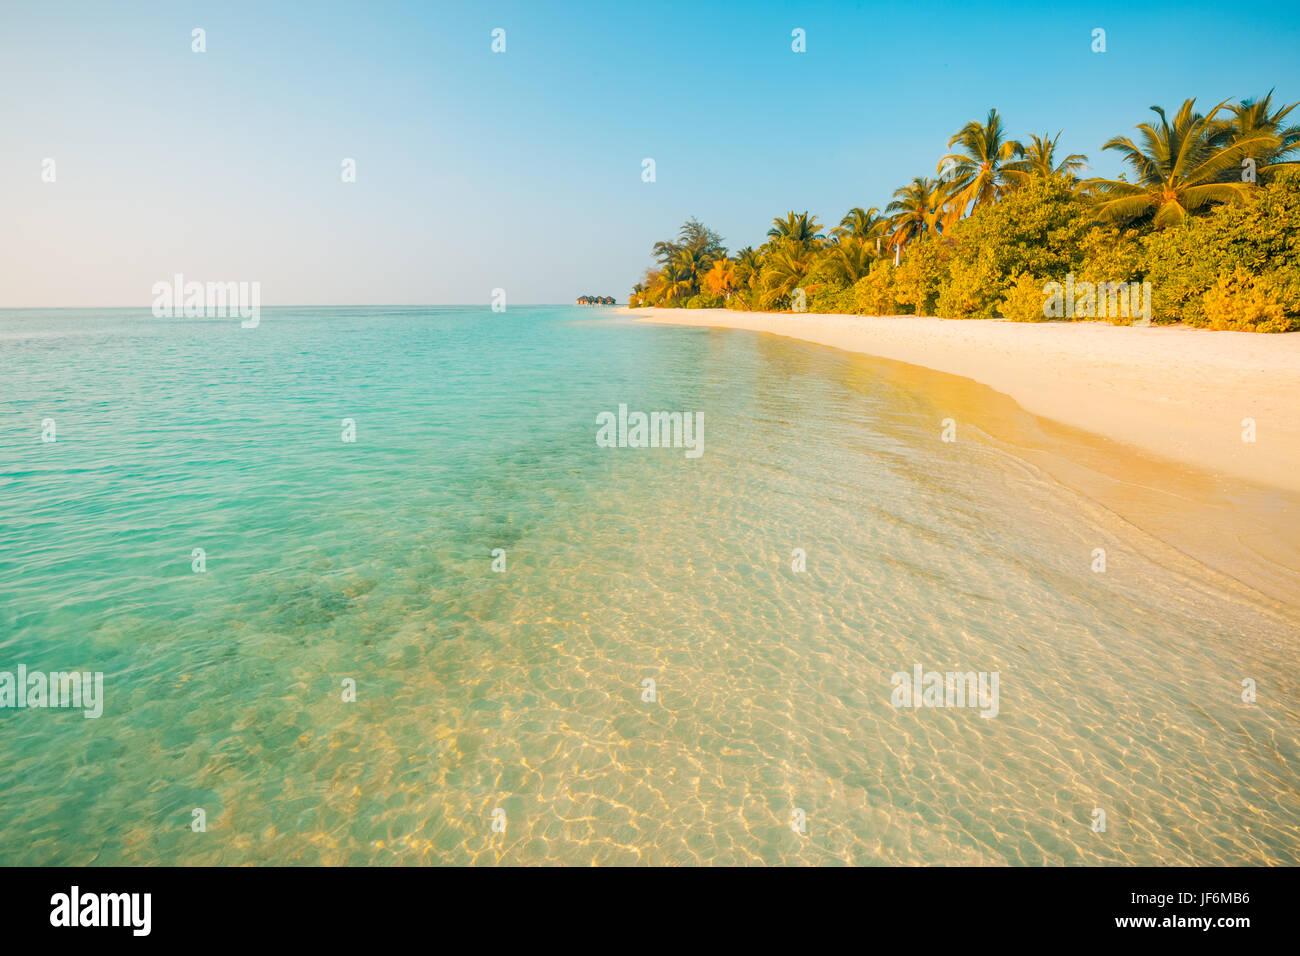 Una perfetta spiaggia vista. Estate vacanze e vacanze design. Di ispirazione spiaggia tropicale, palme e la sabbia Immagini Stock